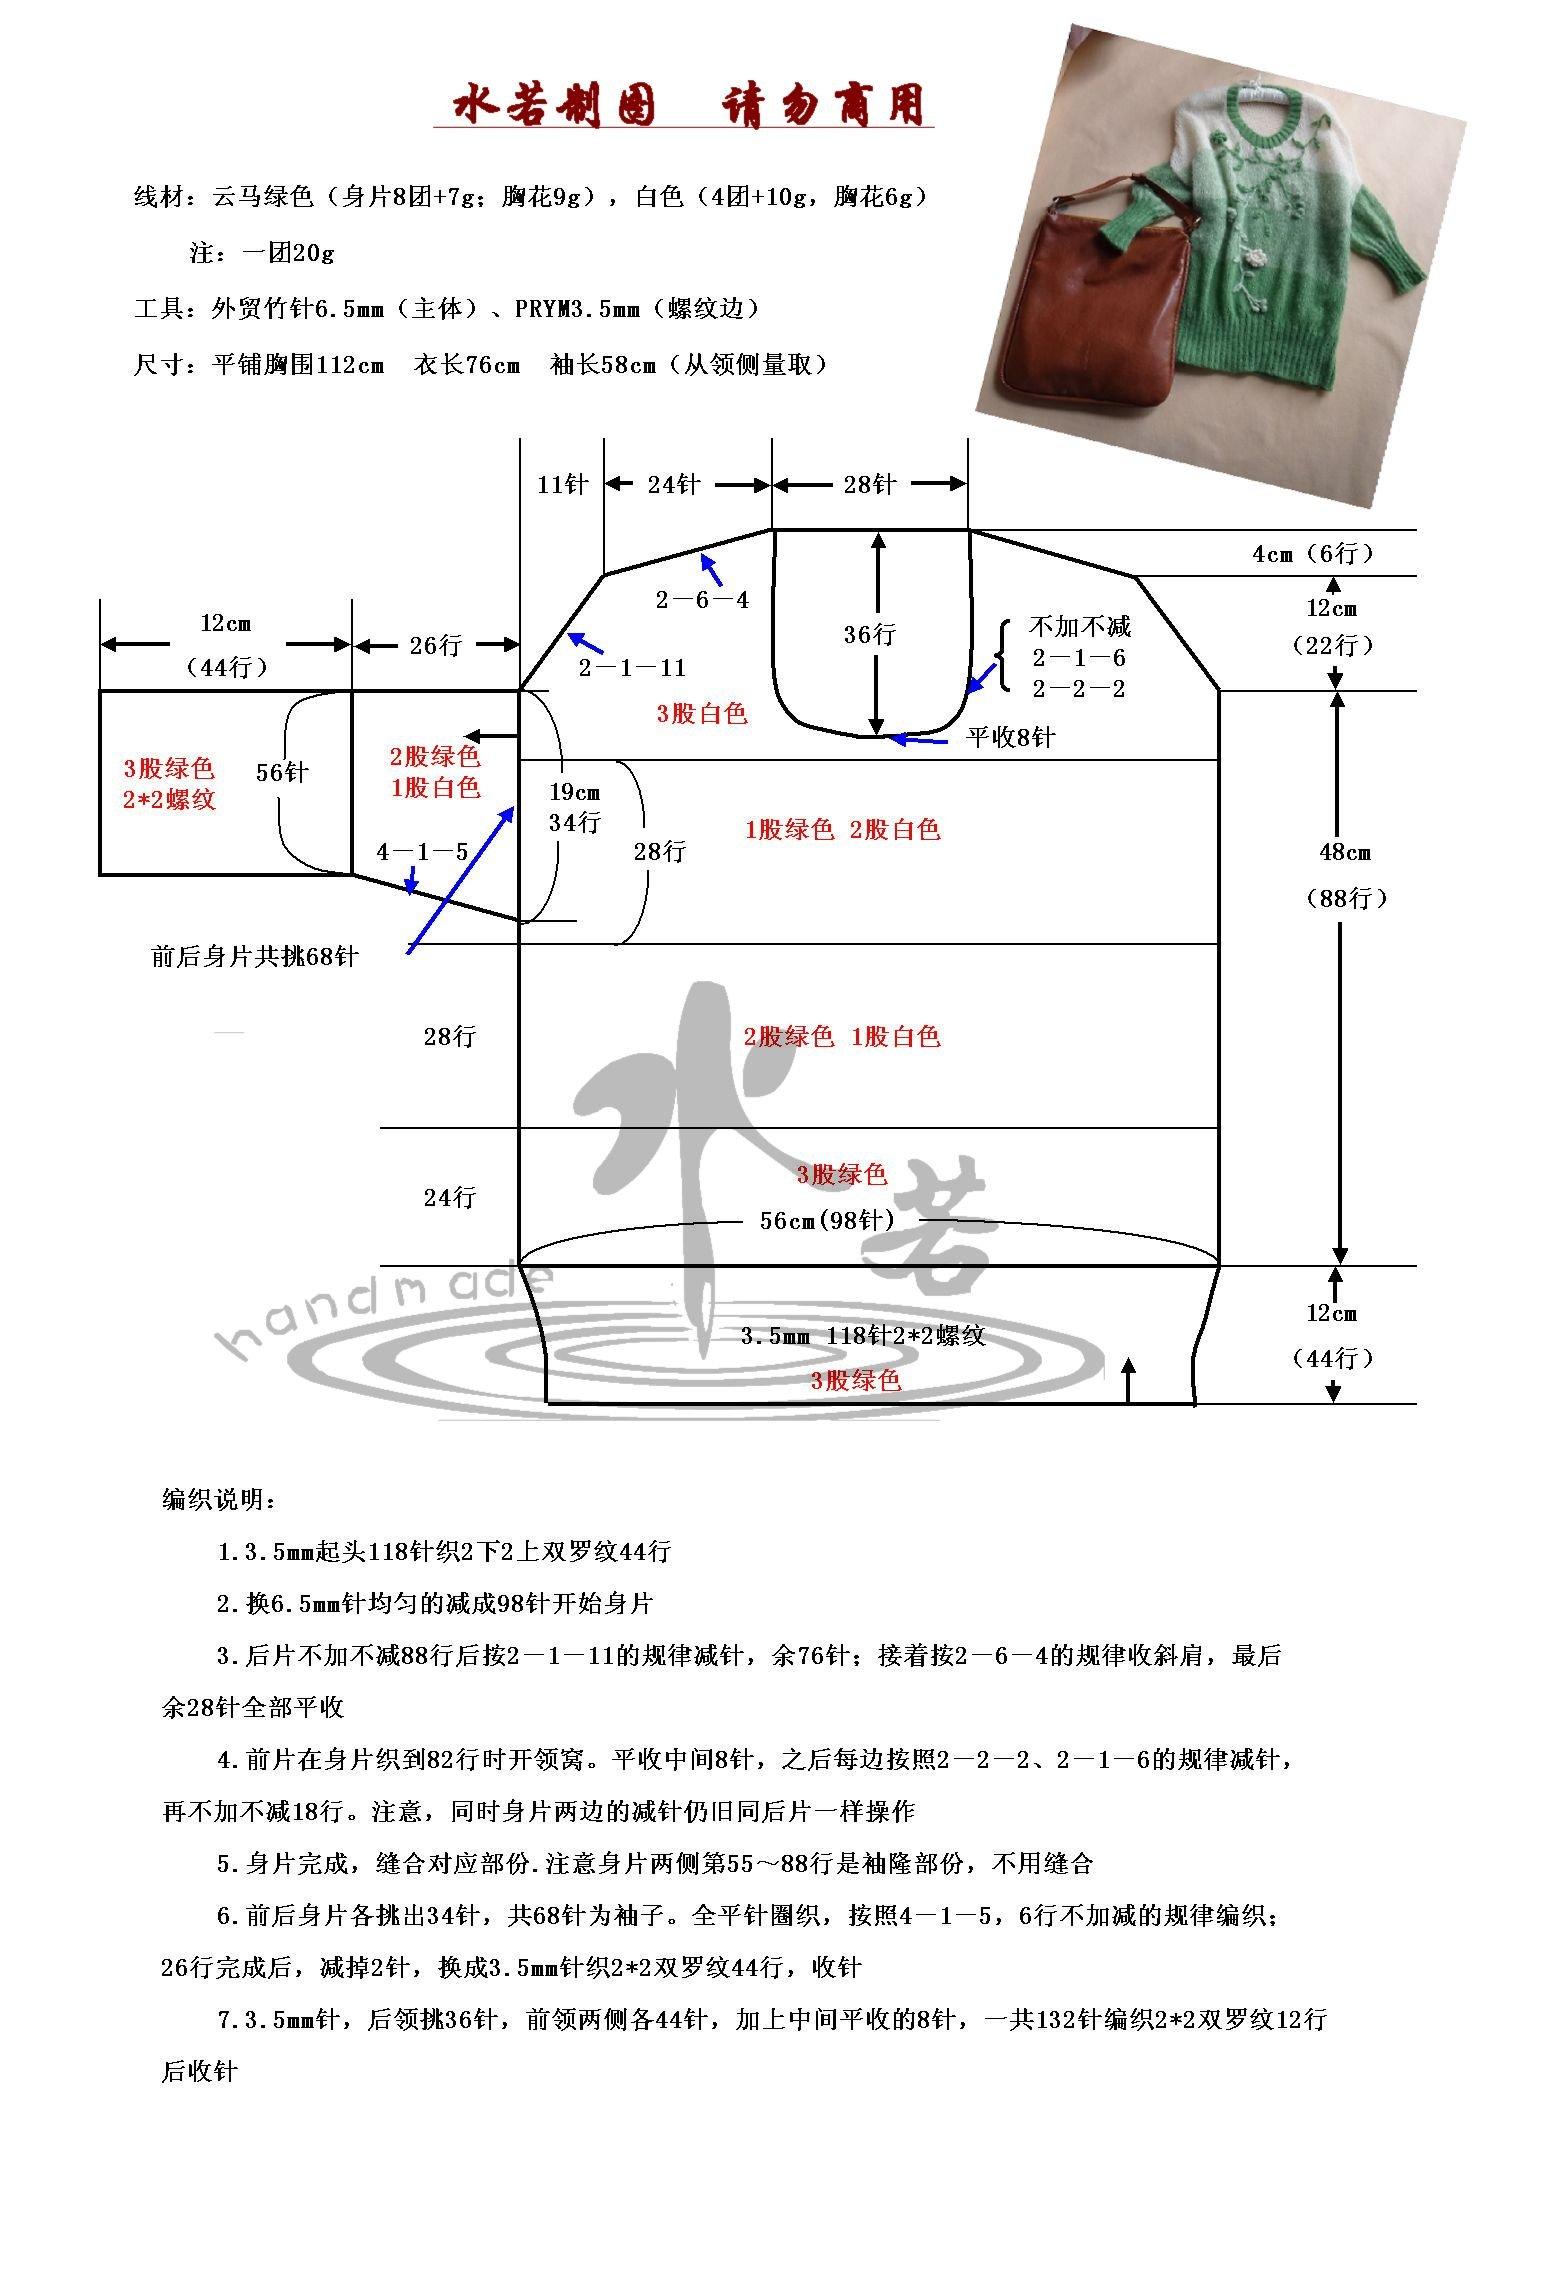 淡黄柳工艺图.jpg